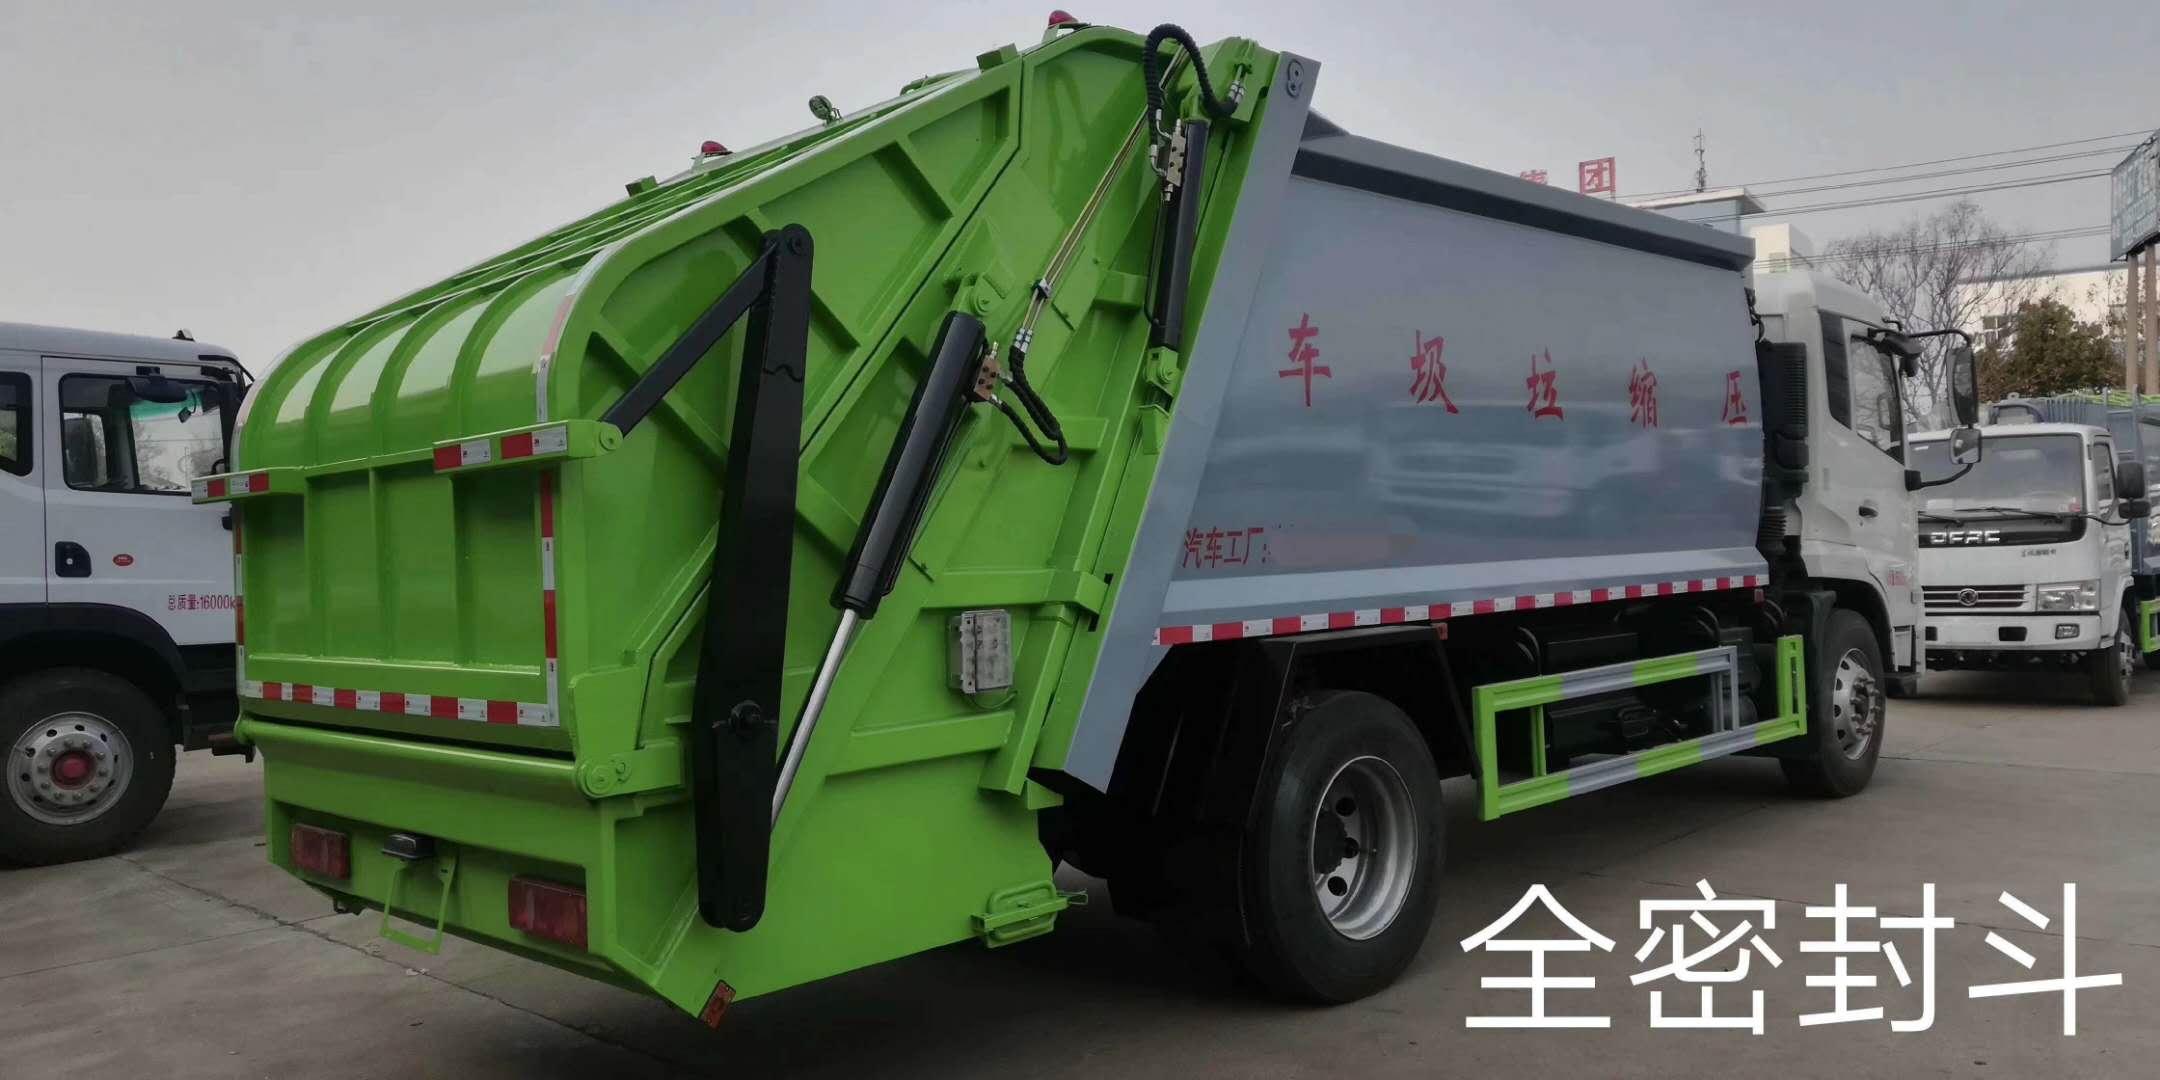 湖北程力后装压缩式垃圾车视频